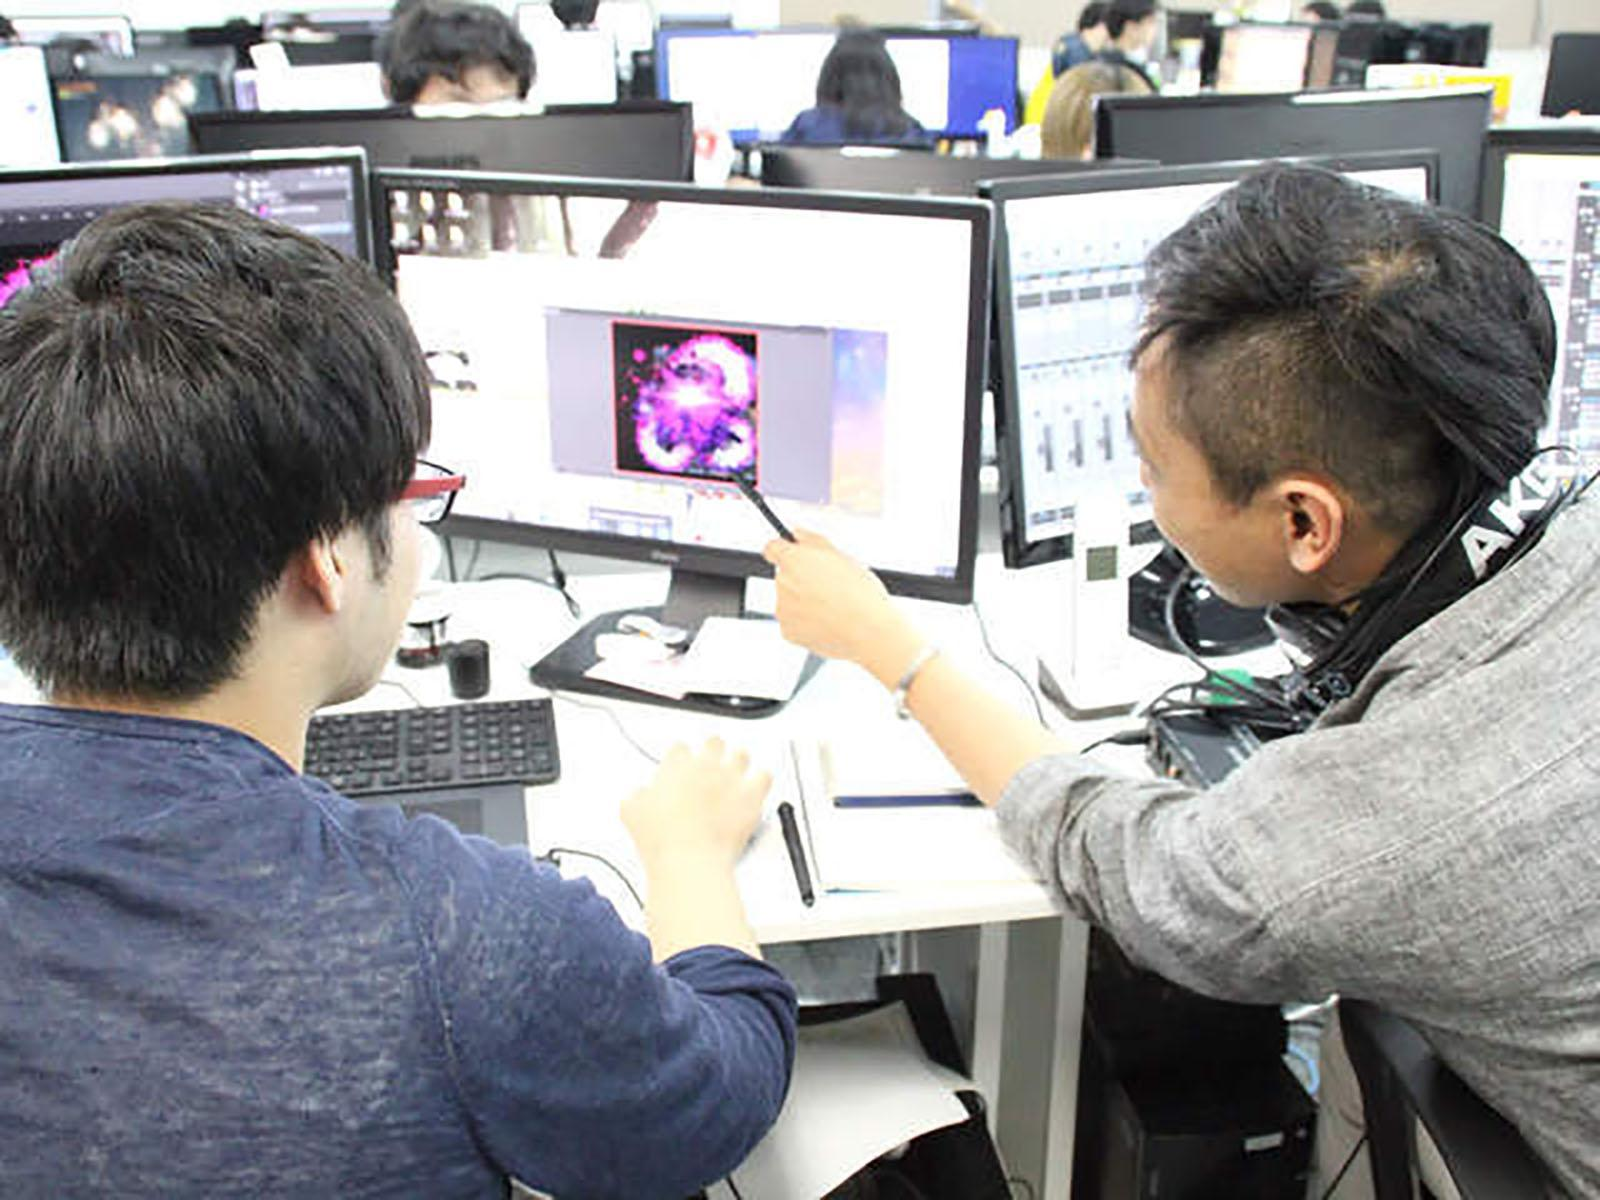 【京都】ソーシャルゲームのUIデザイナーのお仕事